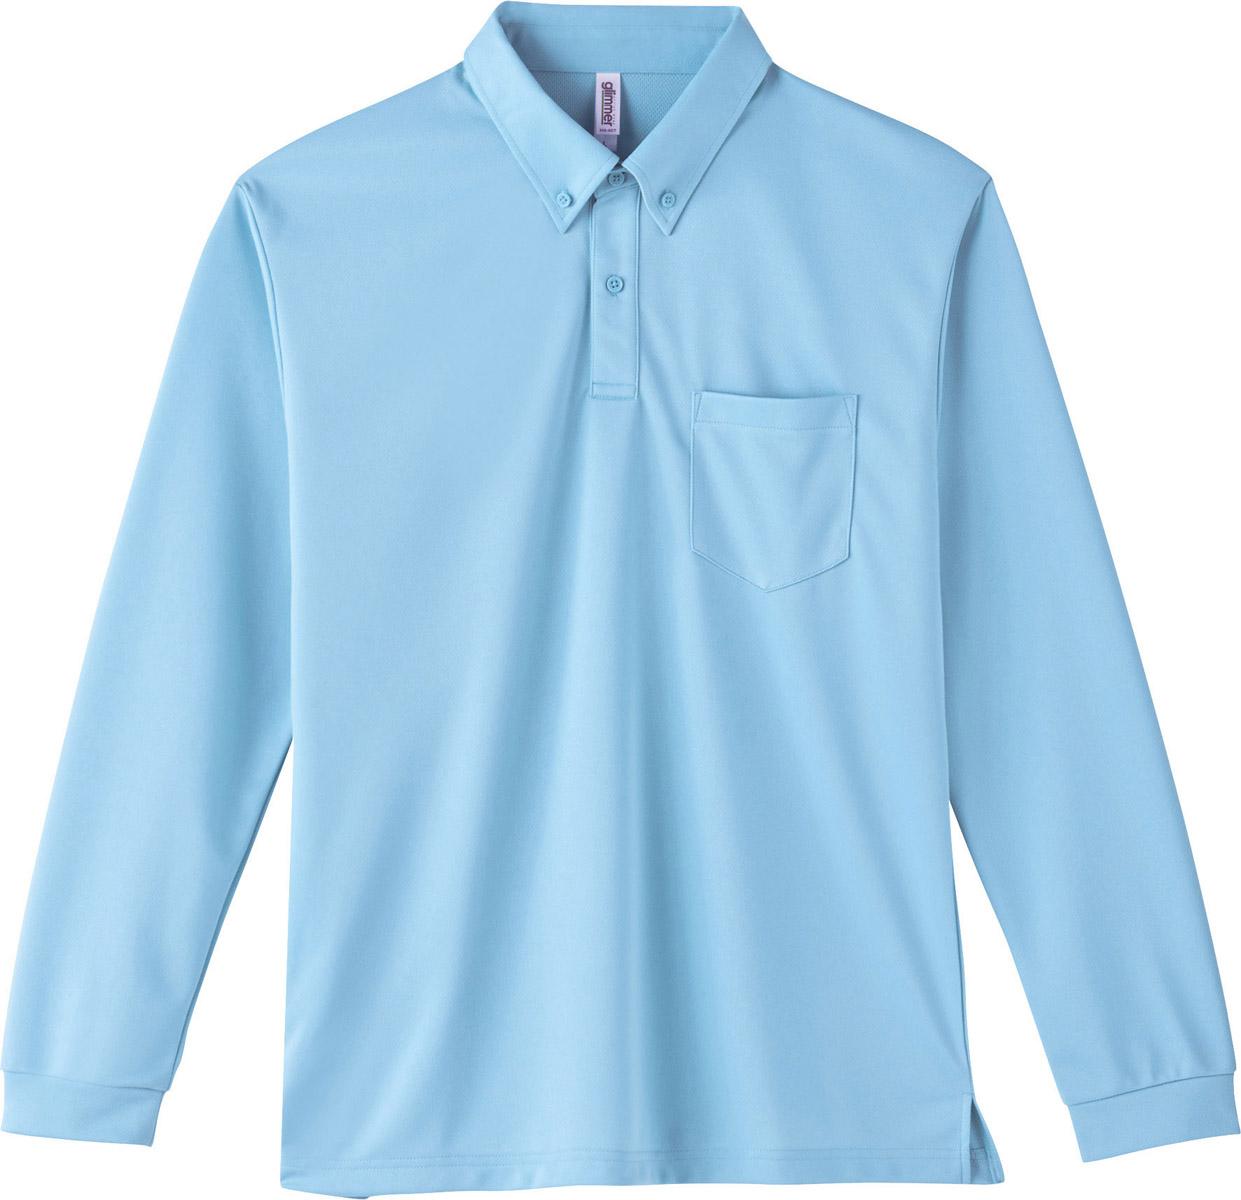 4.4オンス ドライボタンダウン長袖ポロシャツ(ポケット付)販売。刺繍、プリント加工対応します。研修医、医療チームウェアに人気